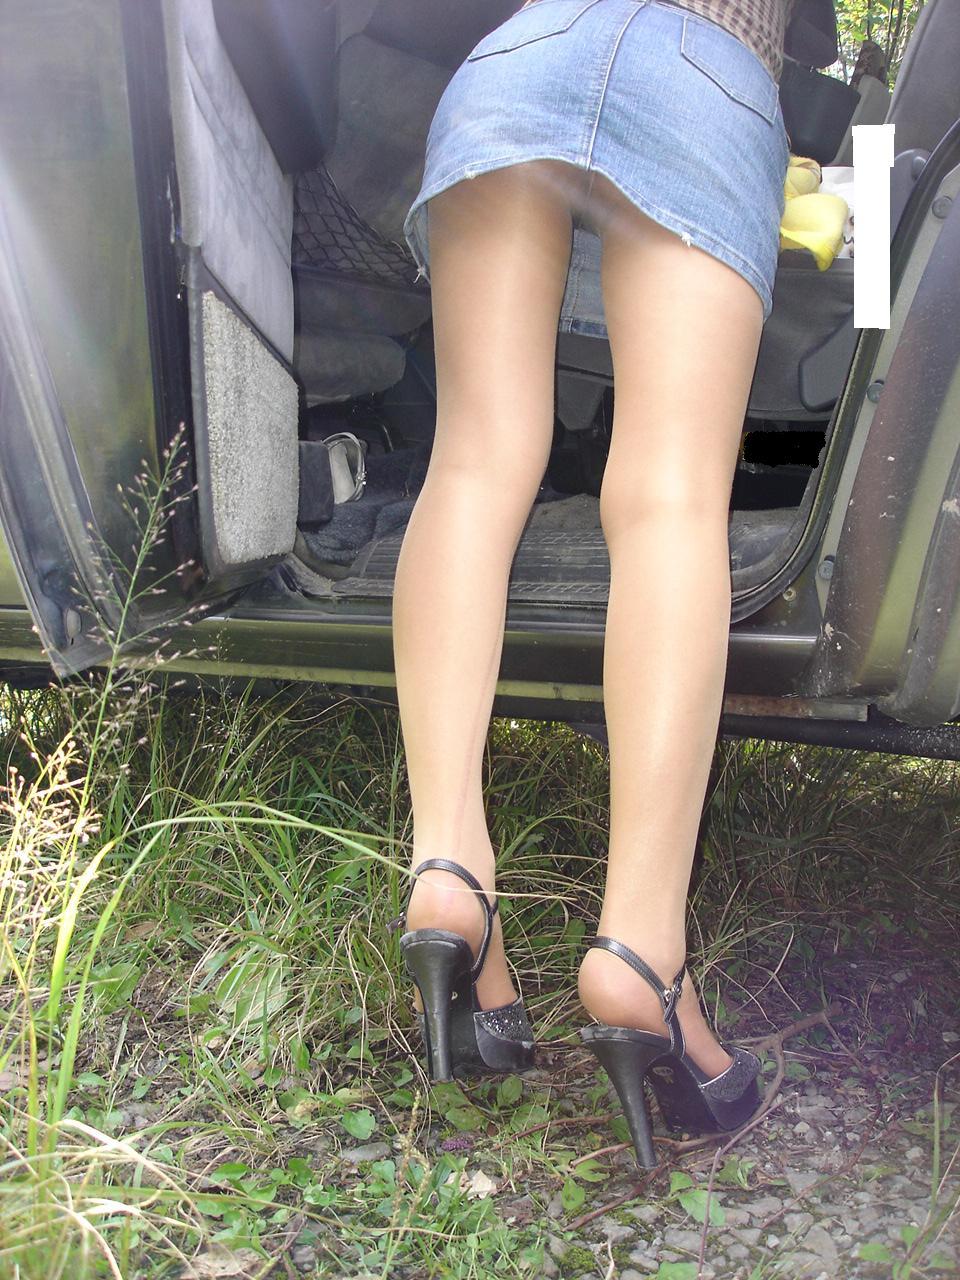 【ミニスカエロ画像】美脚とパンチラの予感に惹かれるデニミニ下半身www 12